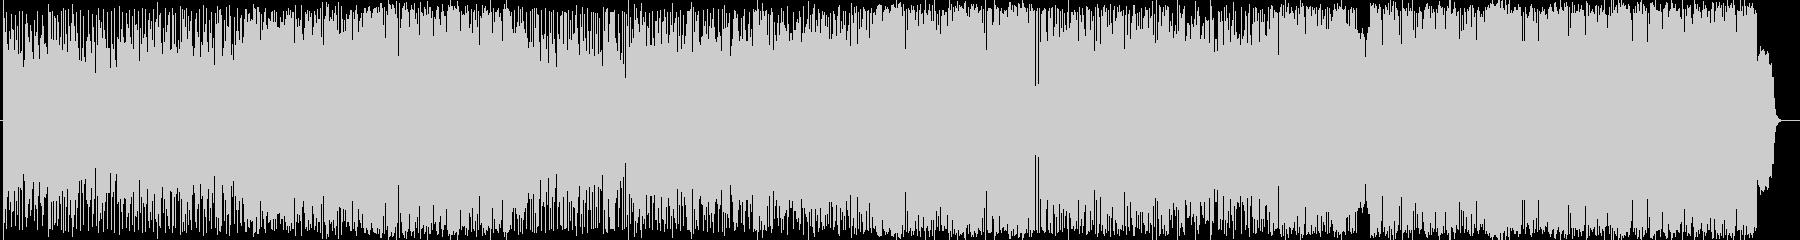 切ないロックバラード曲の未再生の波形